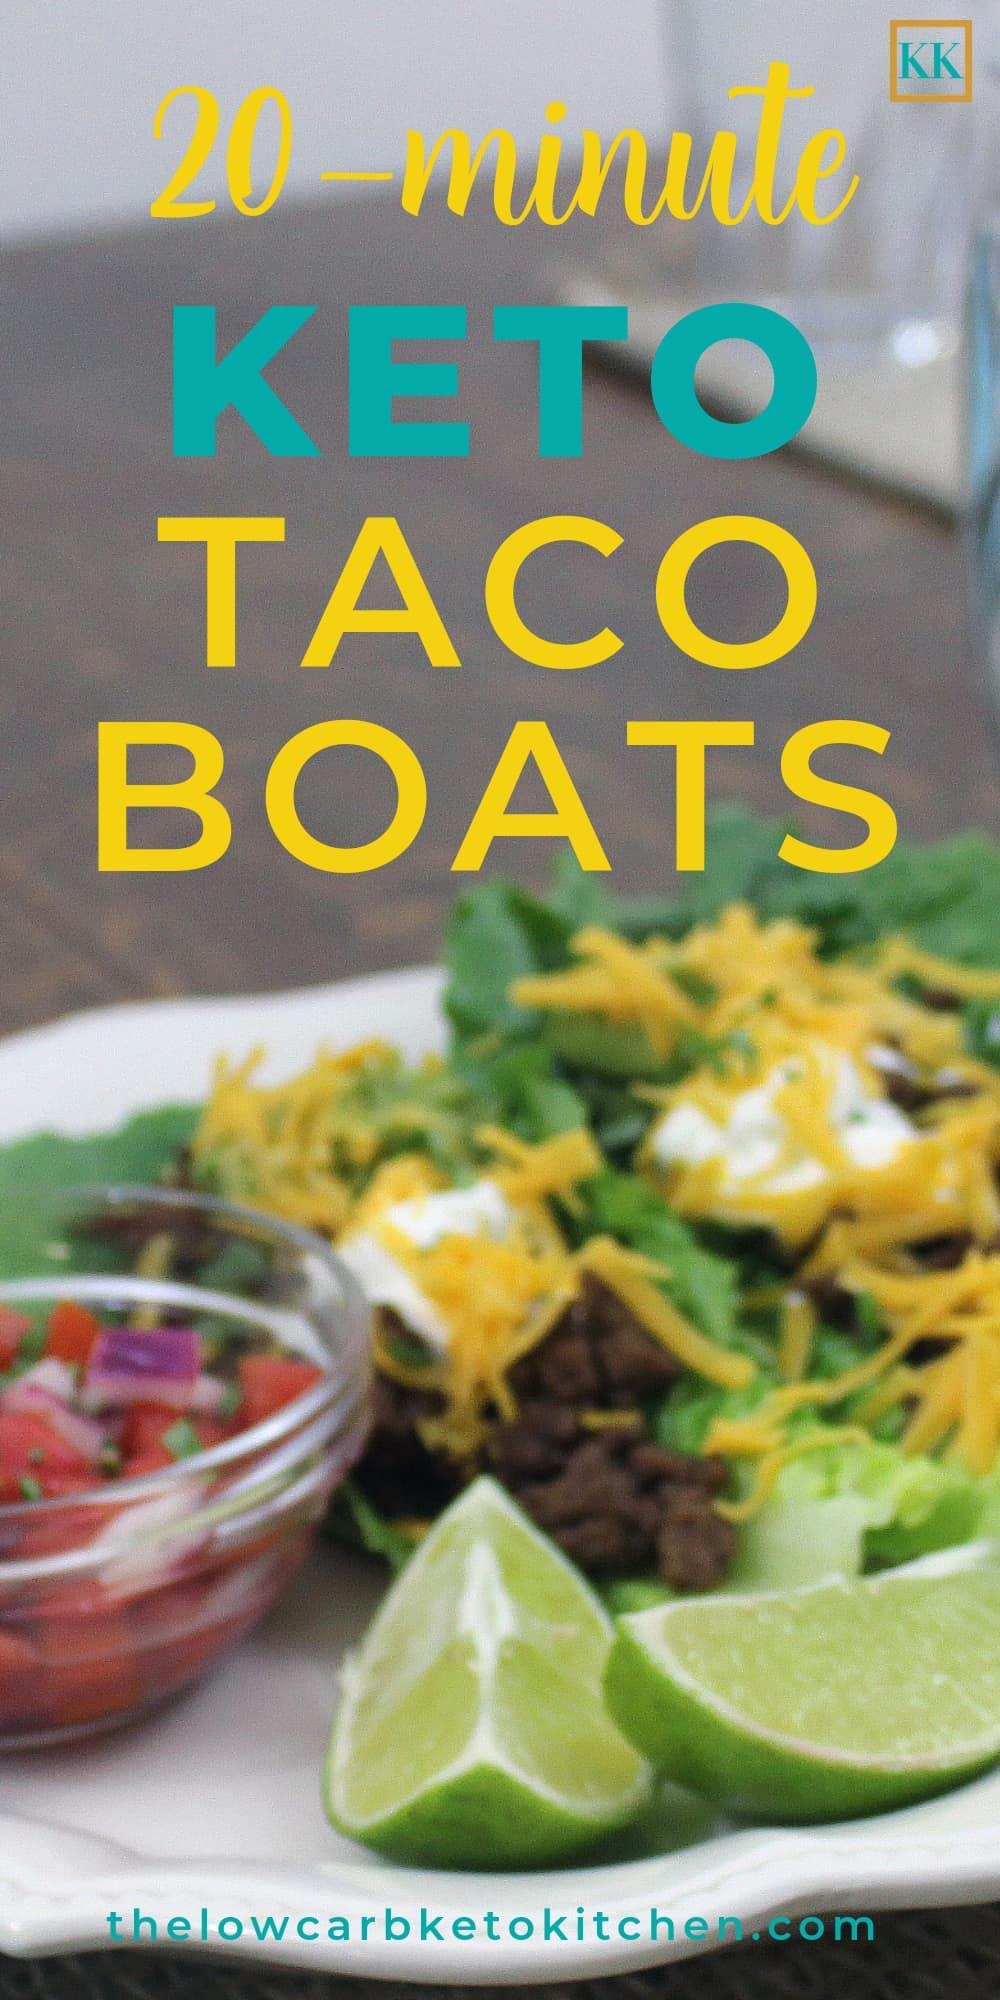 Easy 20-Minute Keto Taco Boats